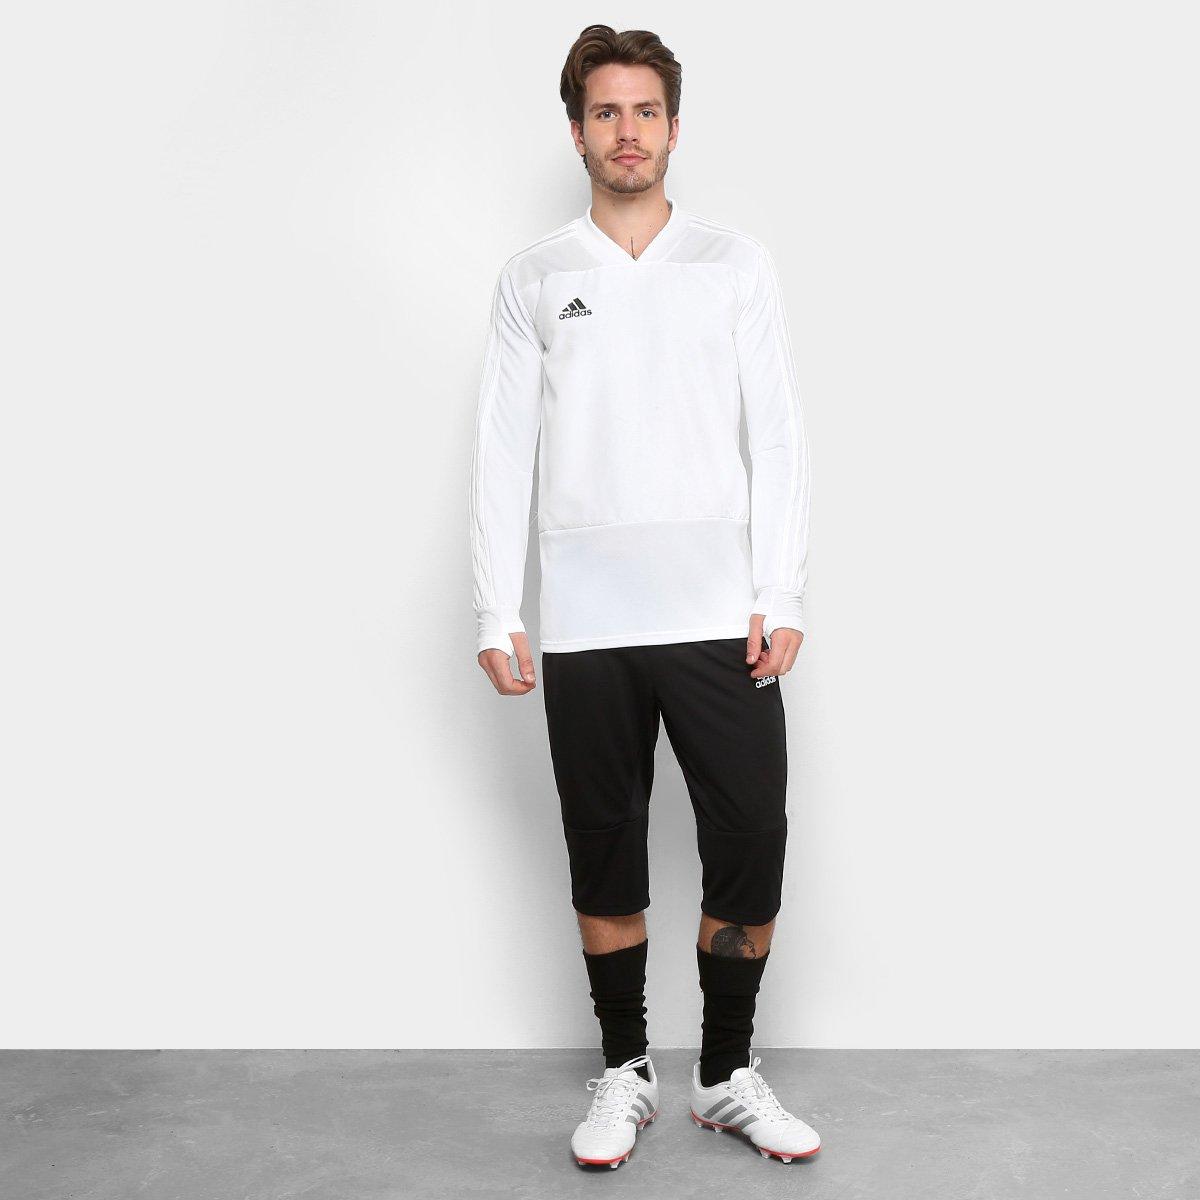 31a75a8d74 Calça 3 4 Adidas Condivo 18 Masculina - Preto e Branco - Compre ...